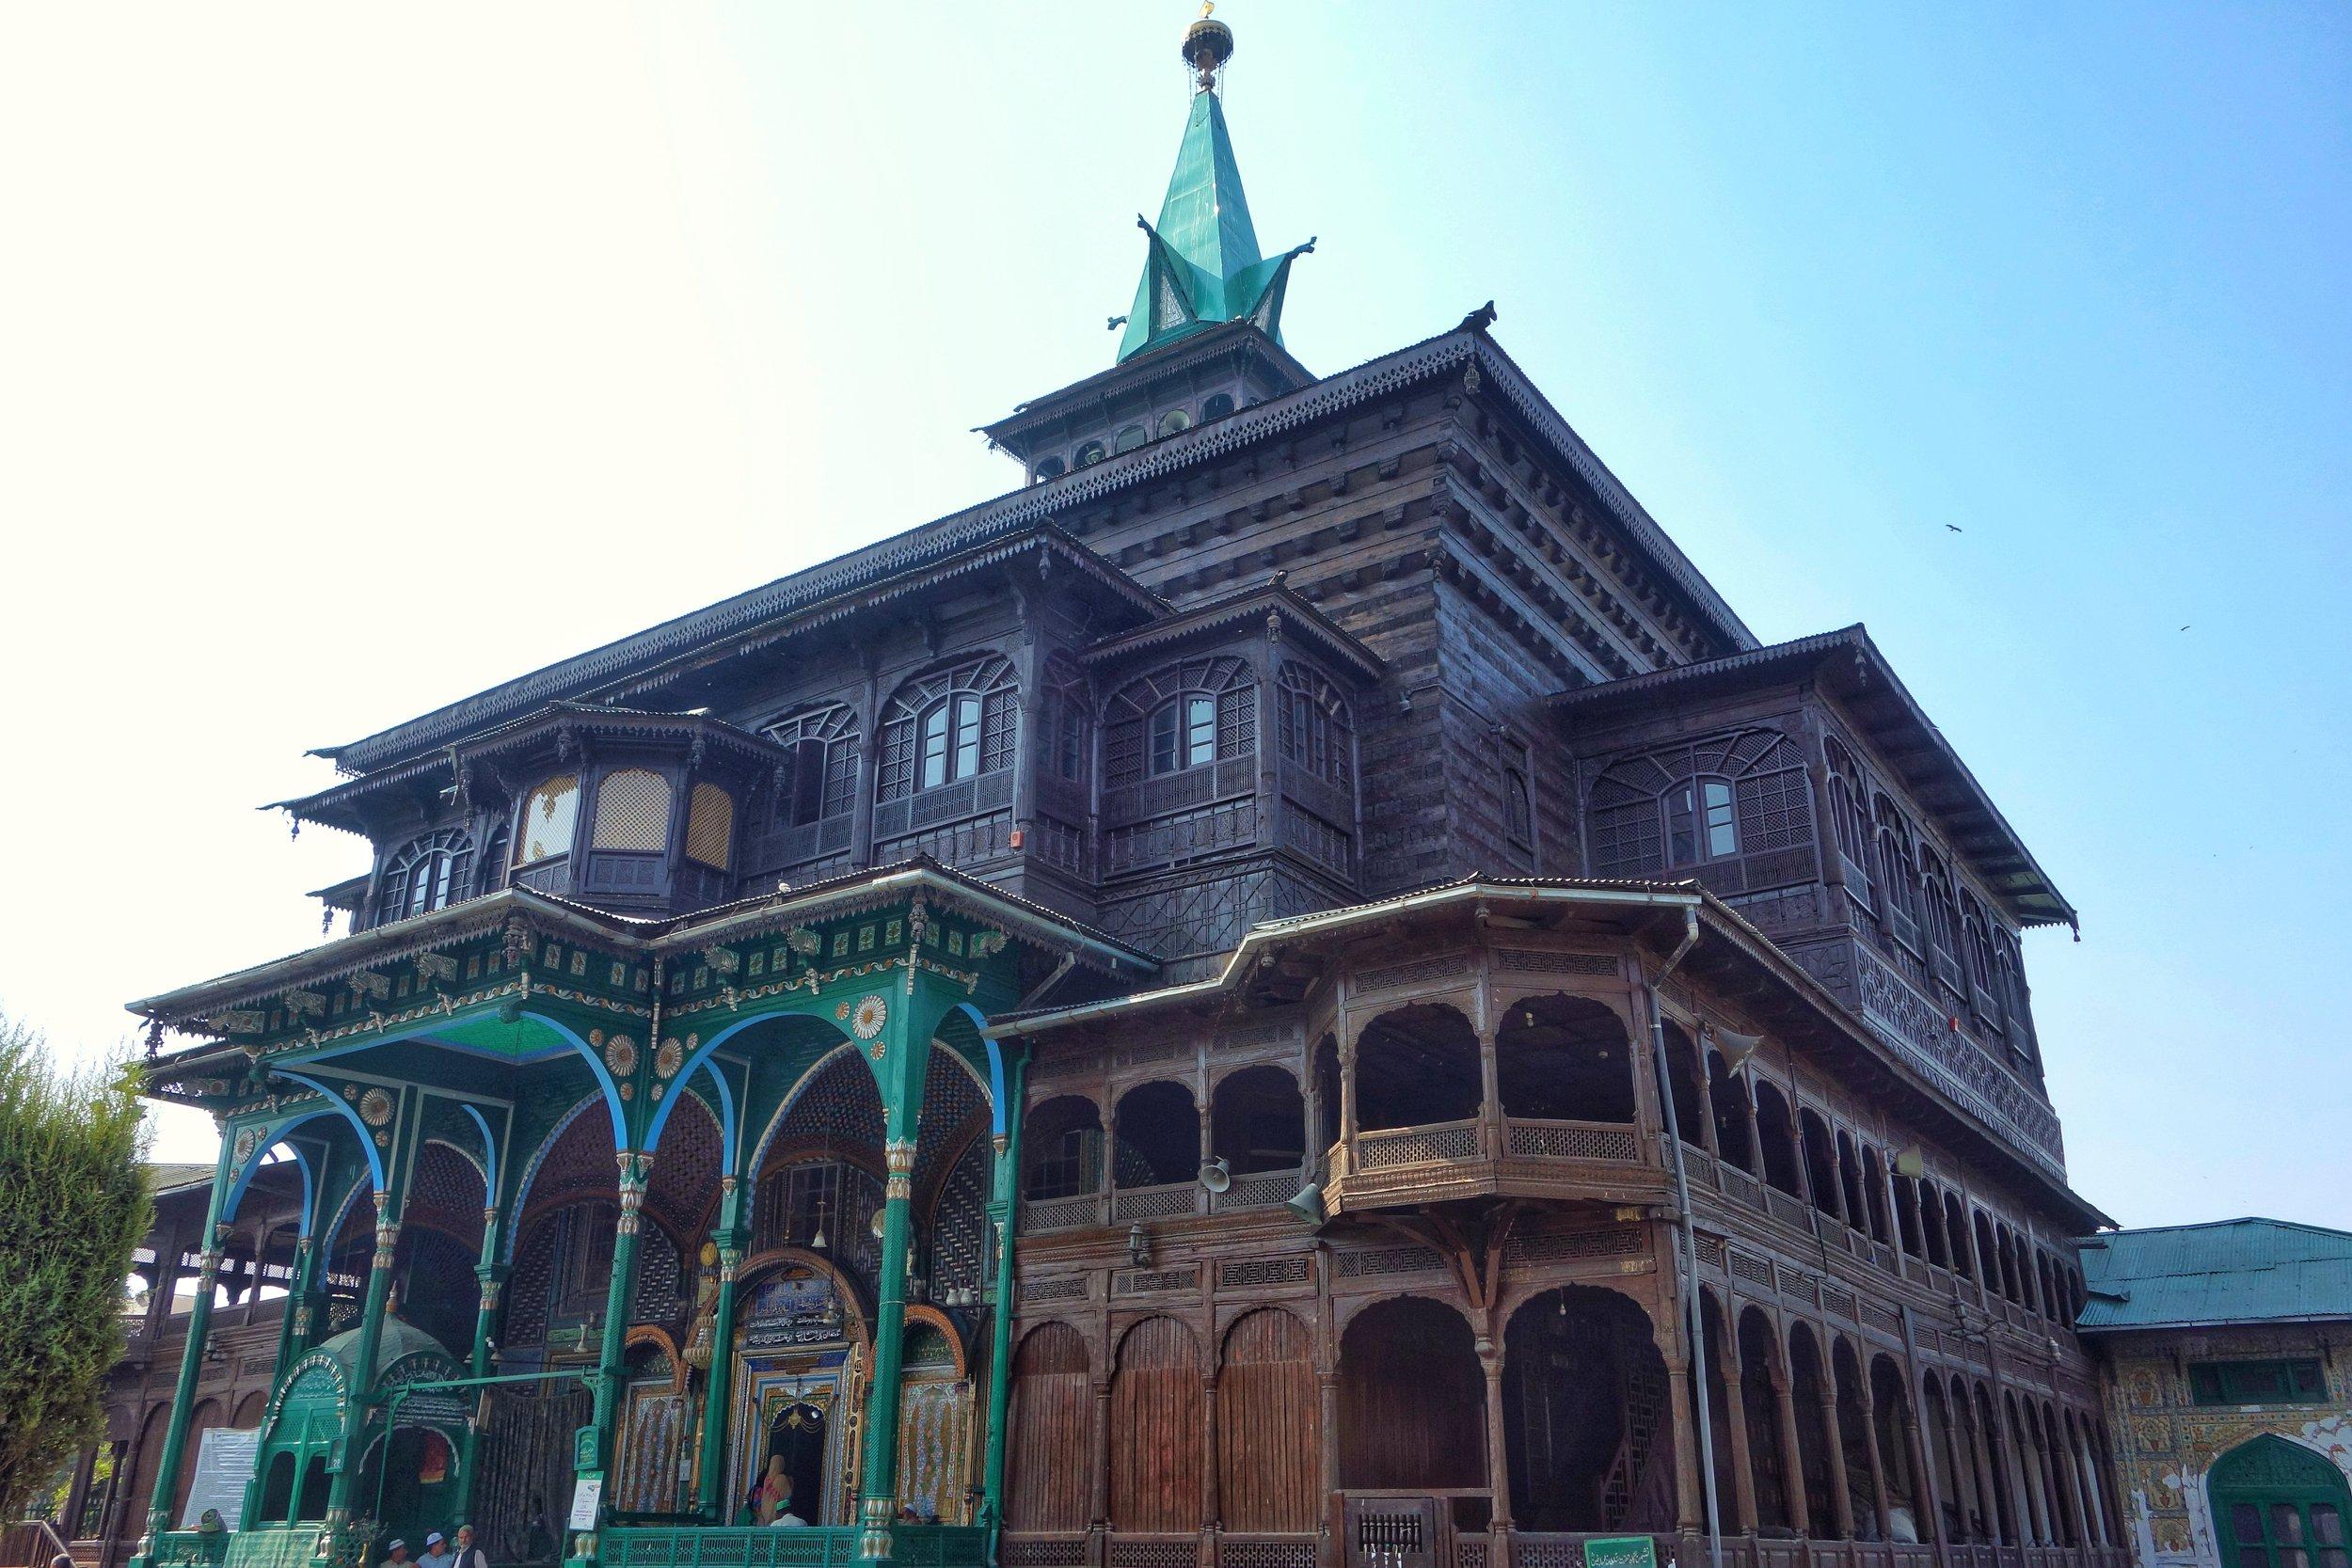 The Khanqah E Moula